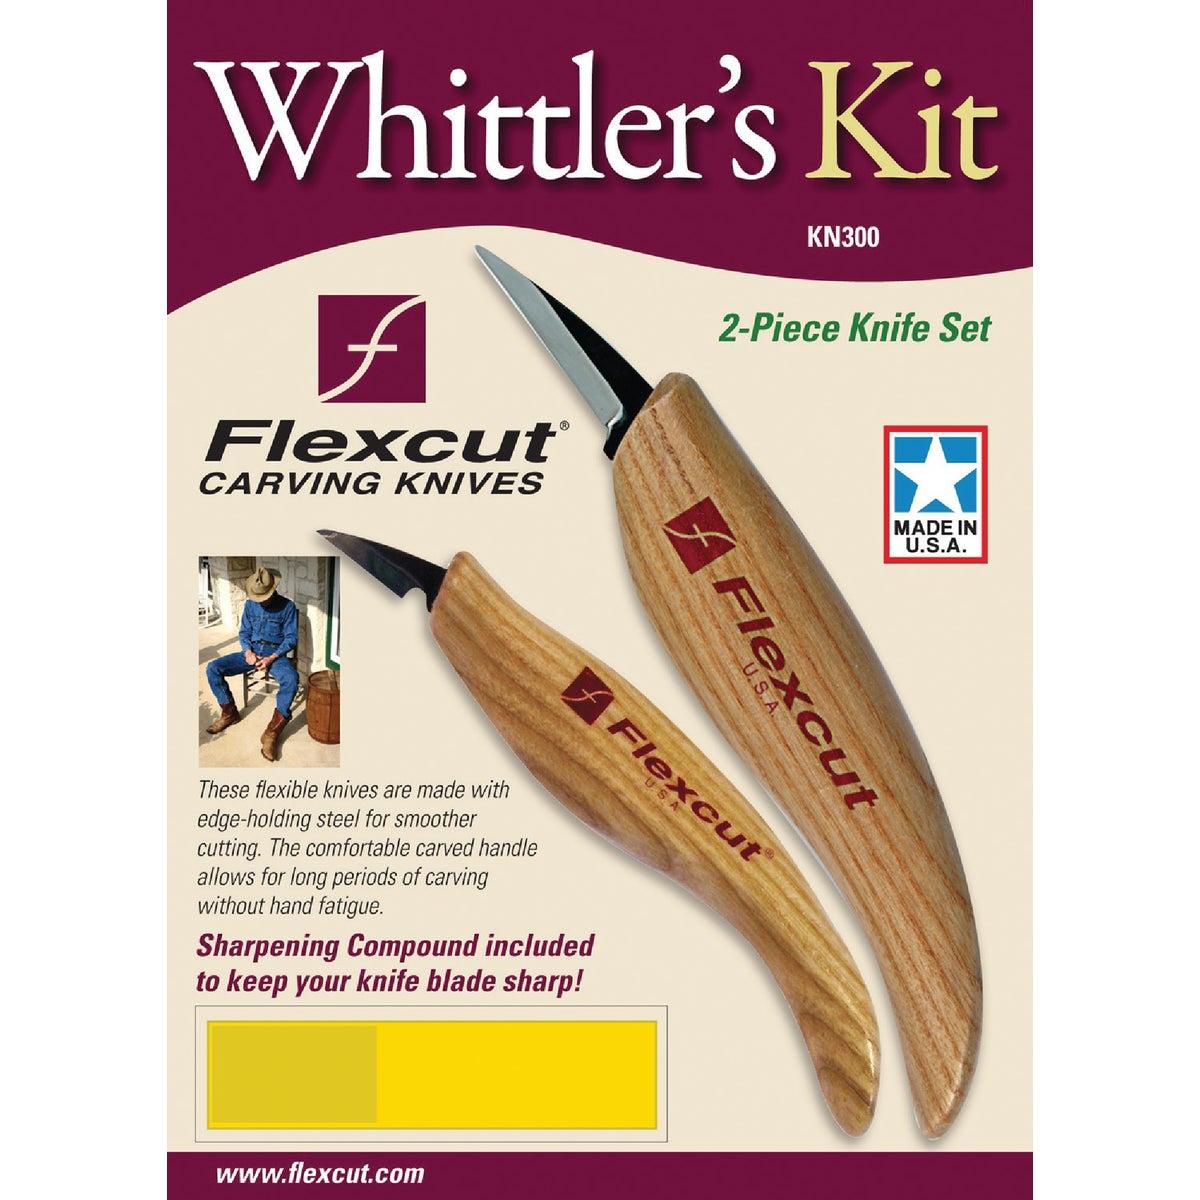 Flexcut Tool Co WHITTLER'S KIT KN300